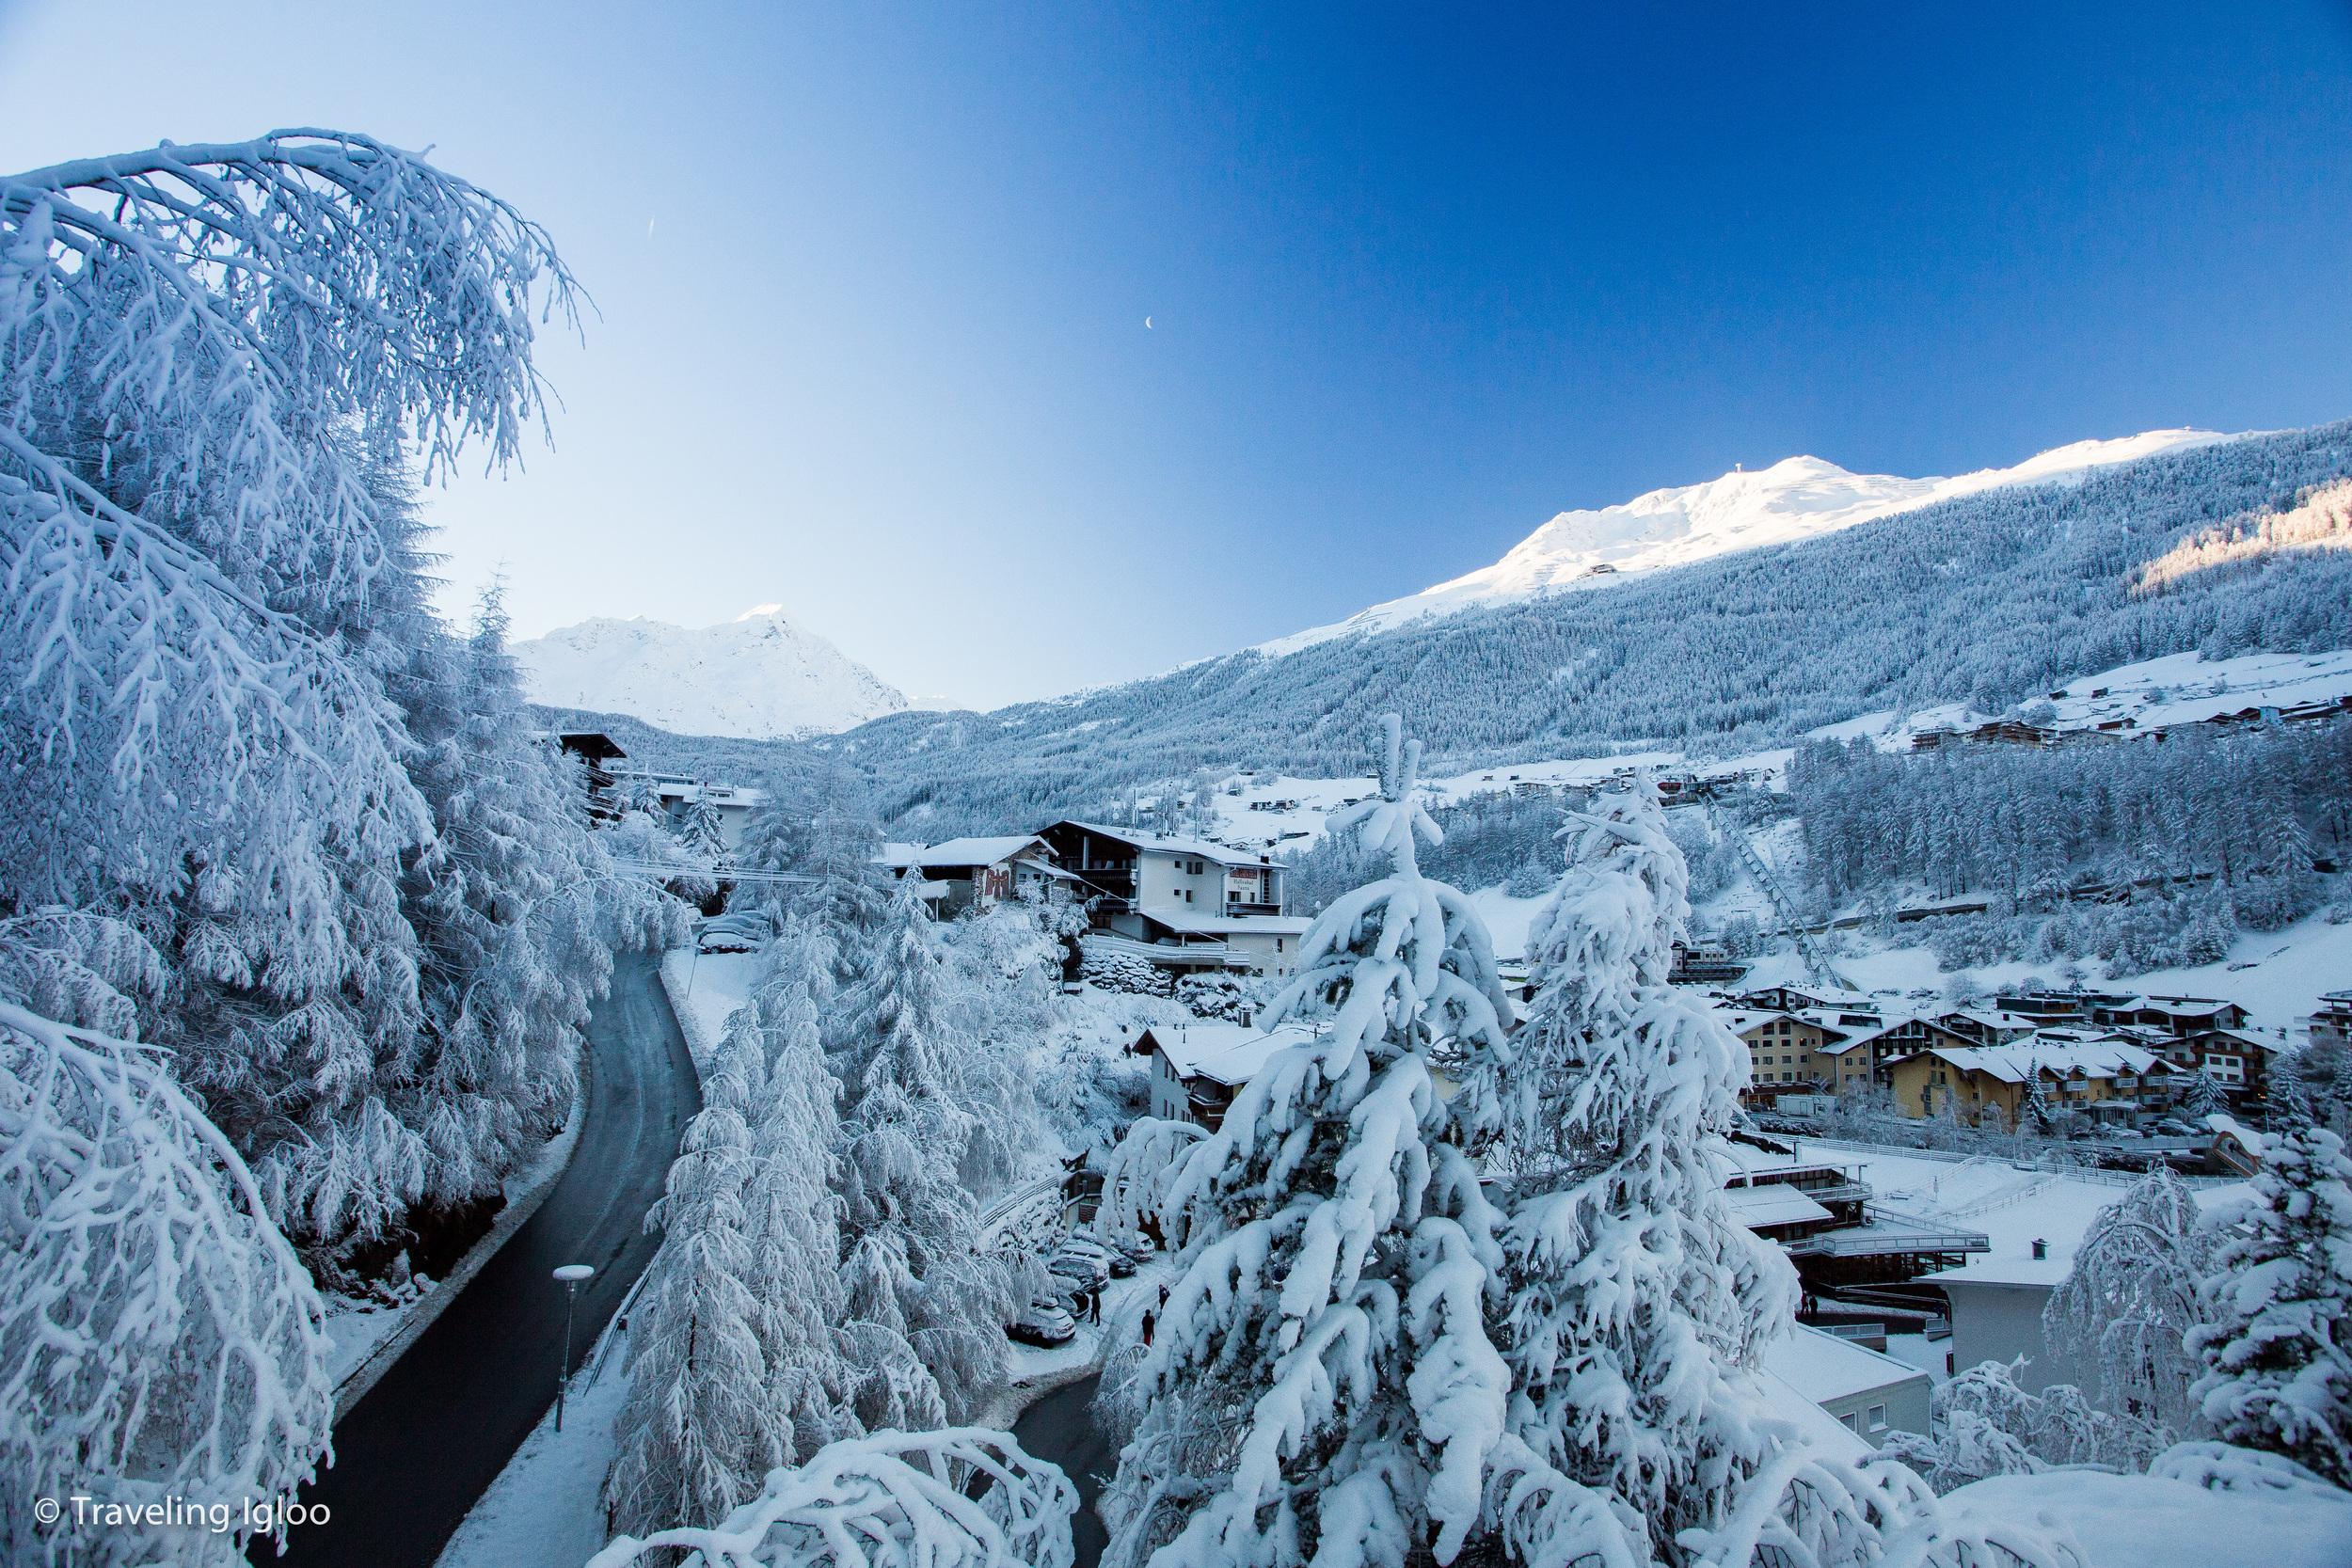 Solden-Austria-Skiing (106 of 198).jpg